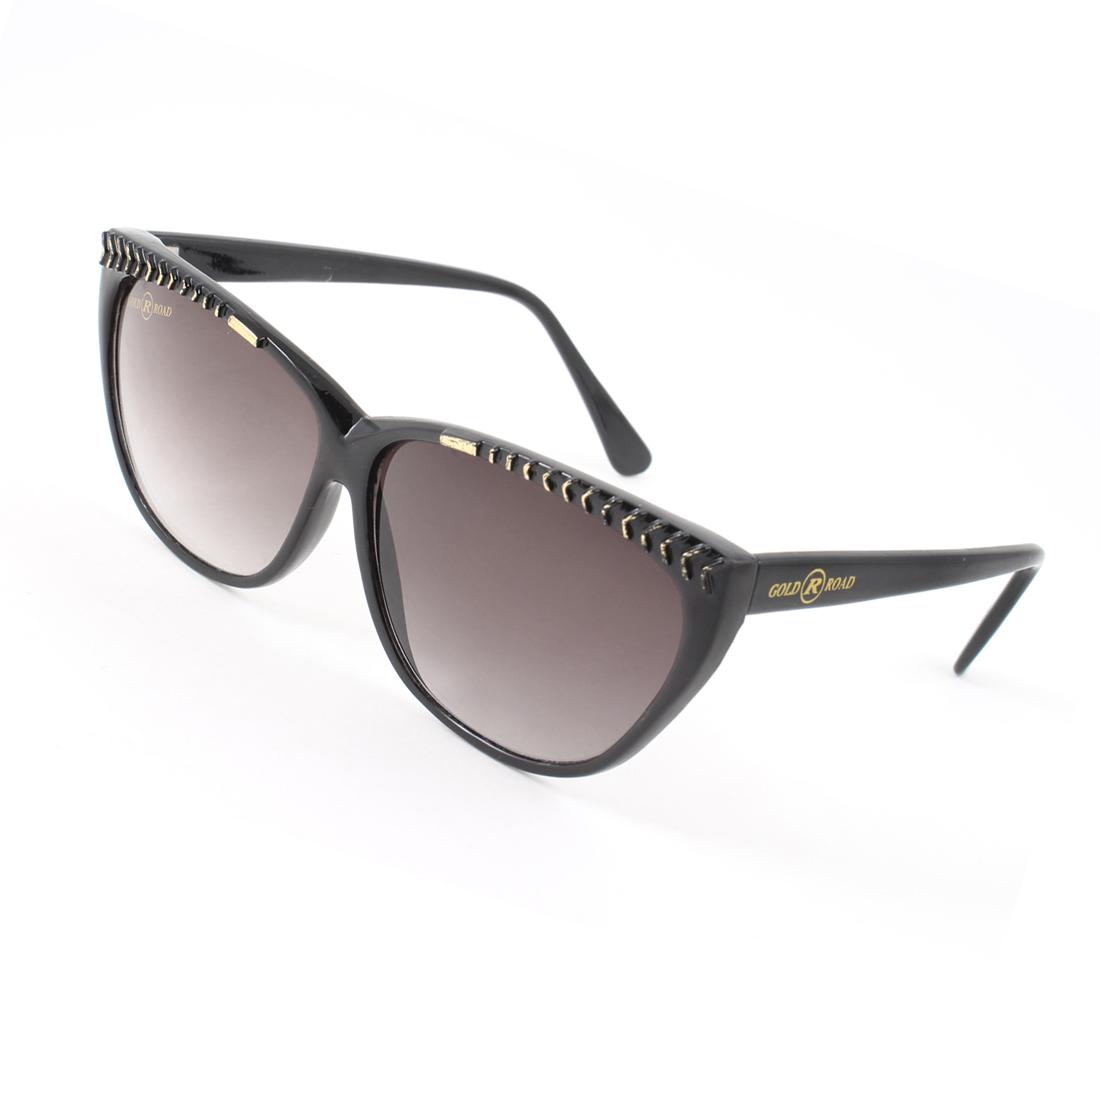 Black Oval Lens Black Full Frame Plastic Sports Sunglasses for Woman